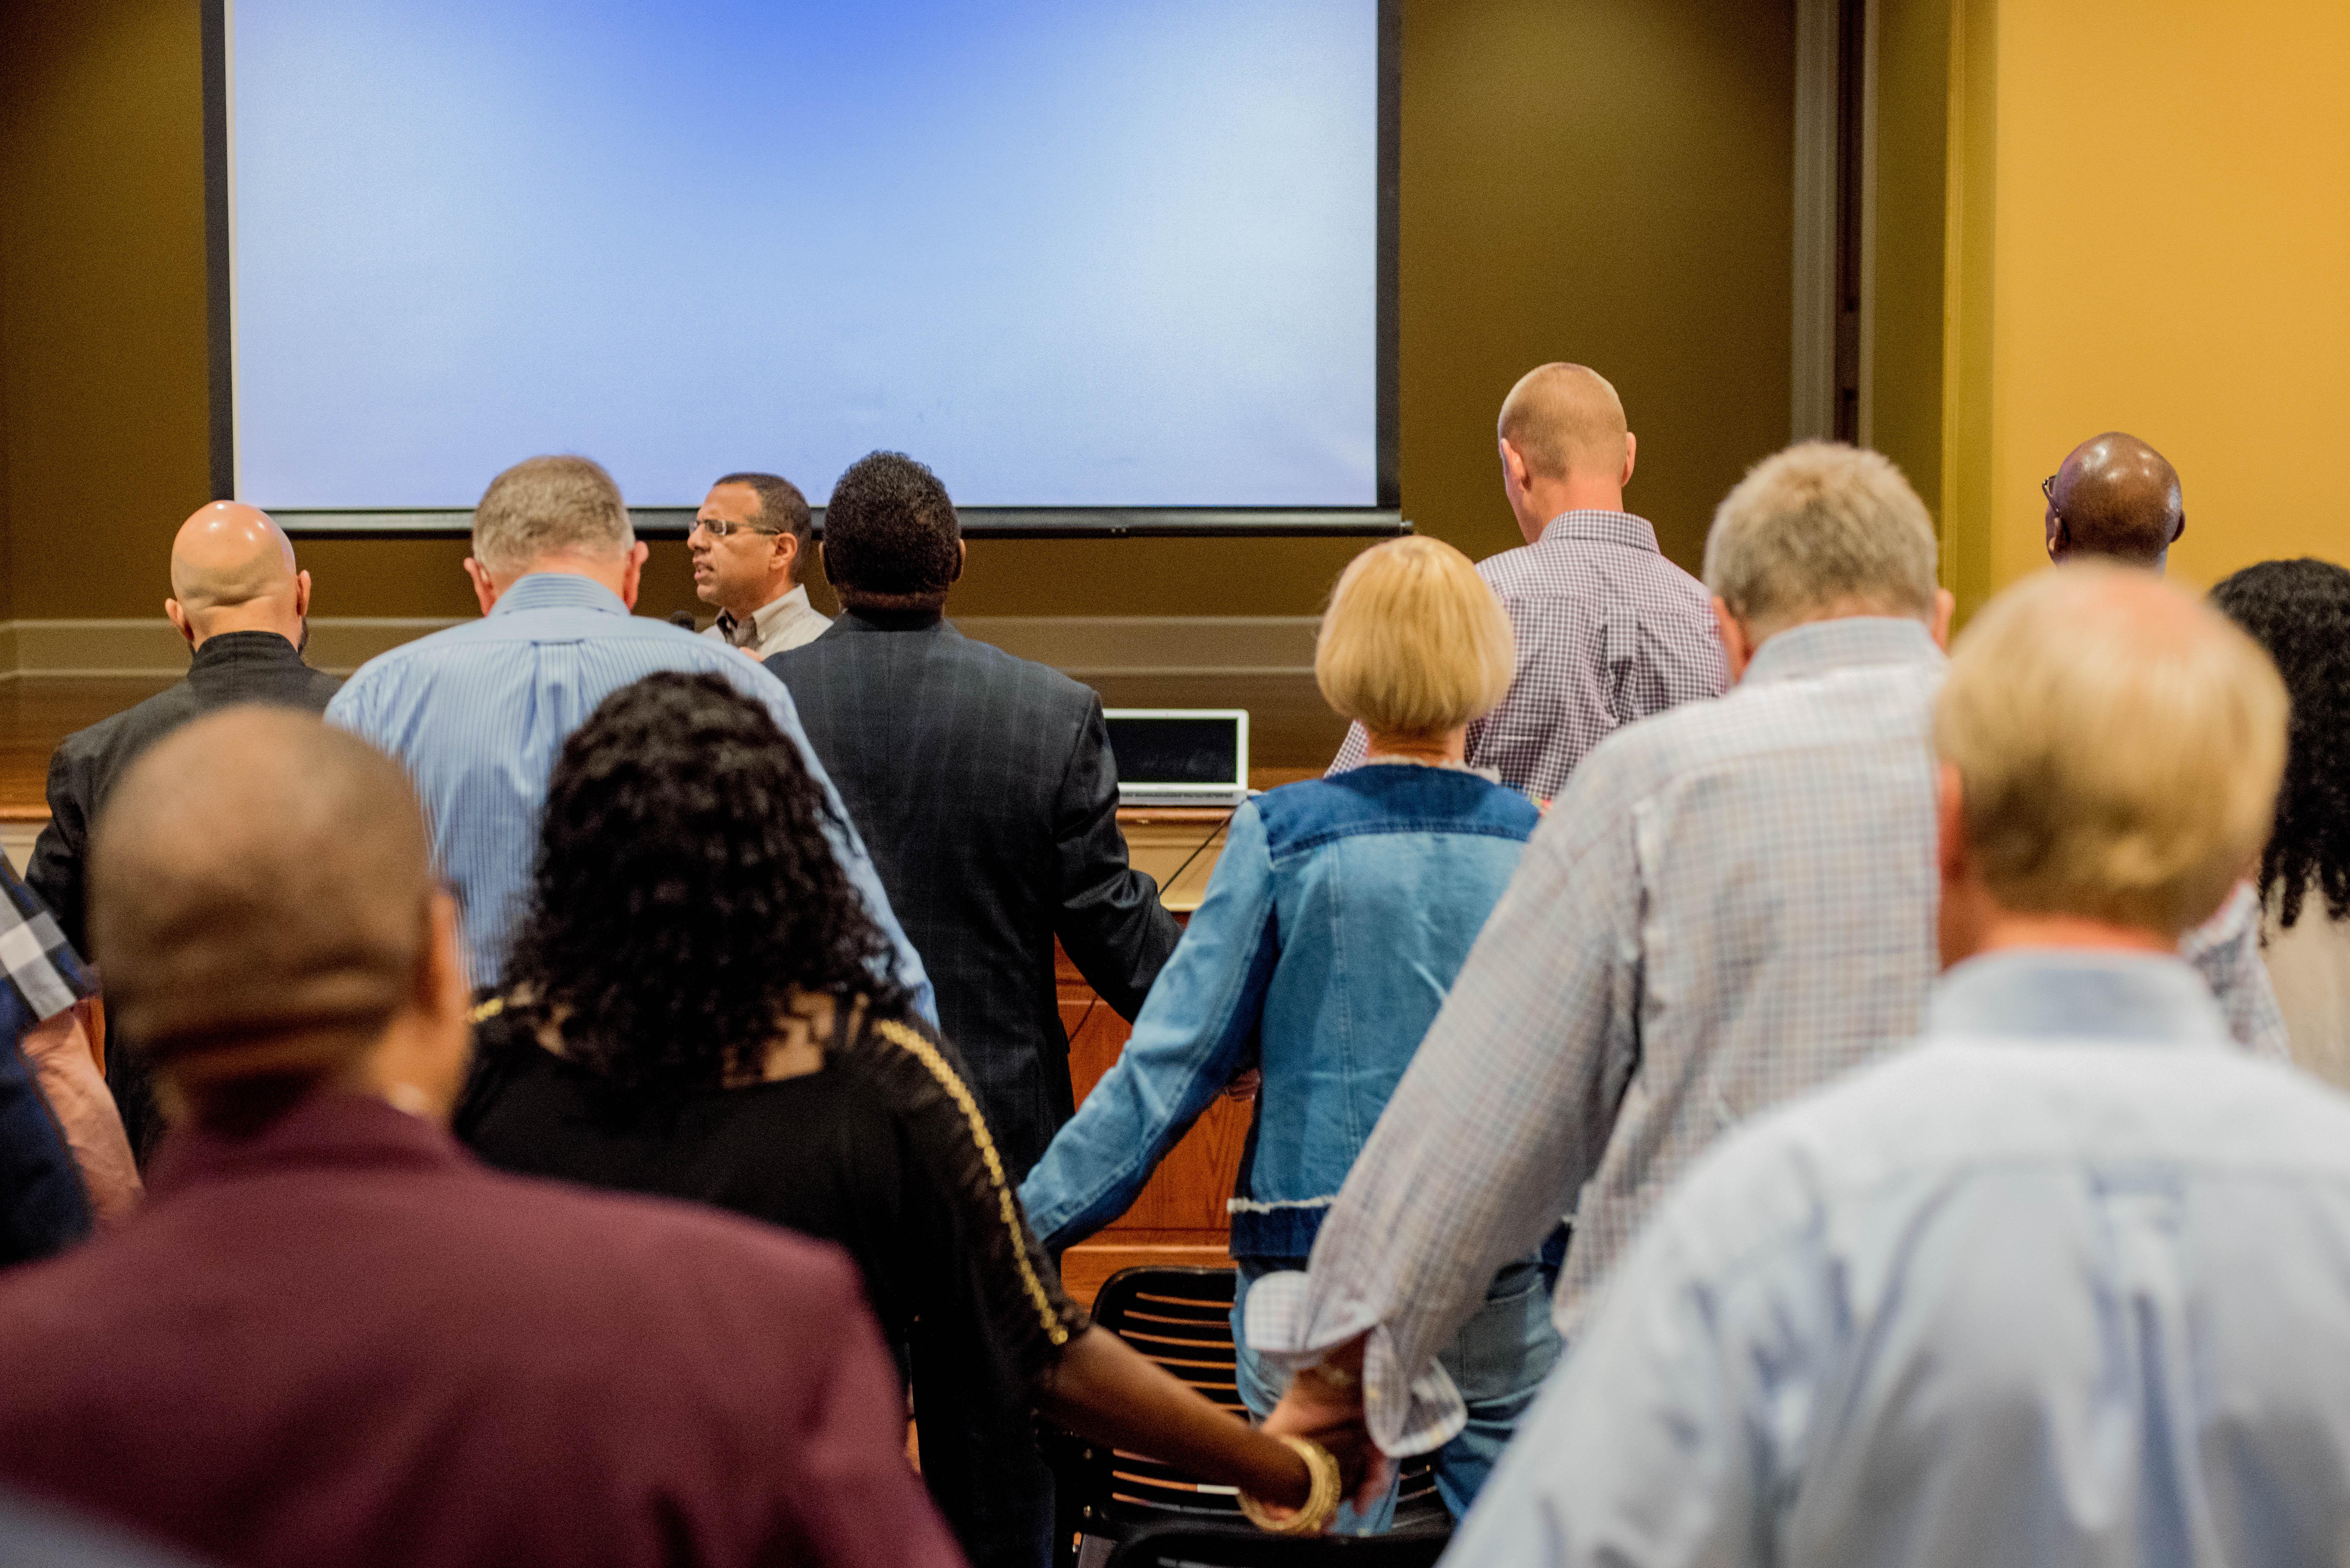 A unified Church serves local communities better